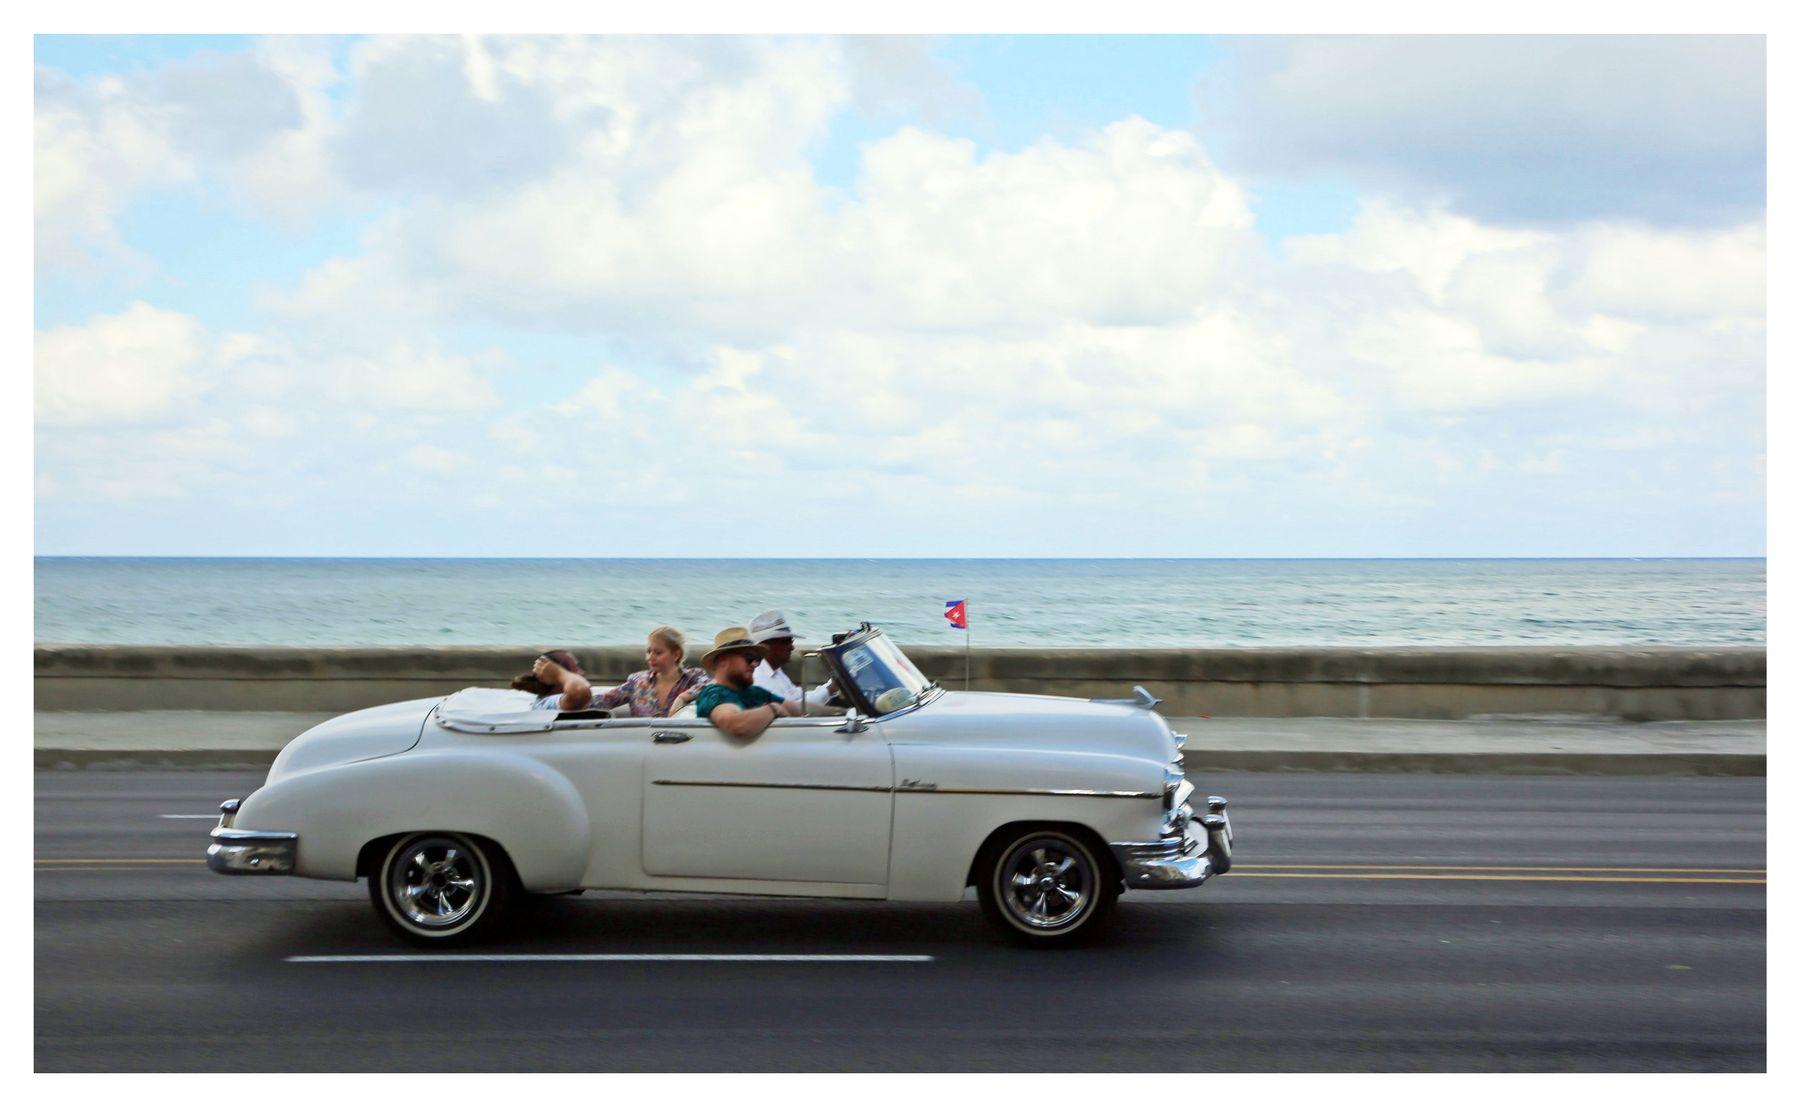 La Habana,mi ciudad cuba la habana vieja libre isla bonita malecón retrocar oldsmobile